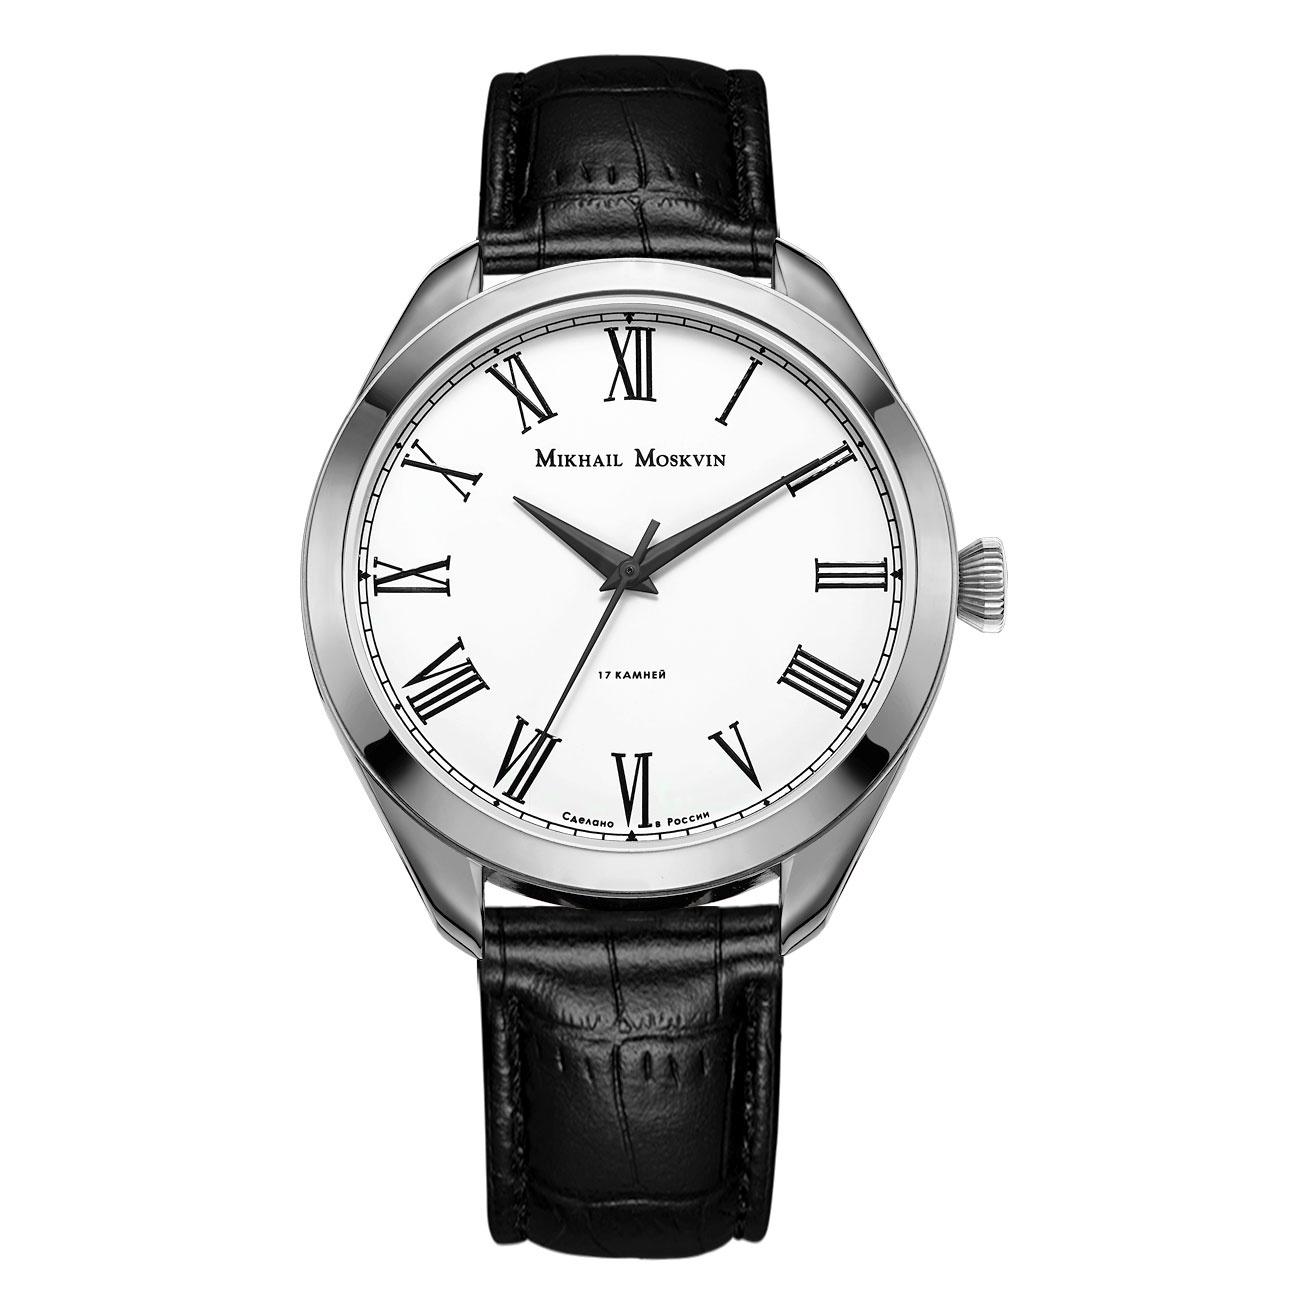 Часы Mikhail Moskvin, Mikhail Moskvin 1117A1L7-1, 1117A1L7-1 все цены